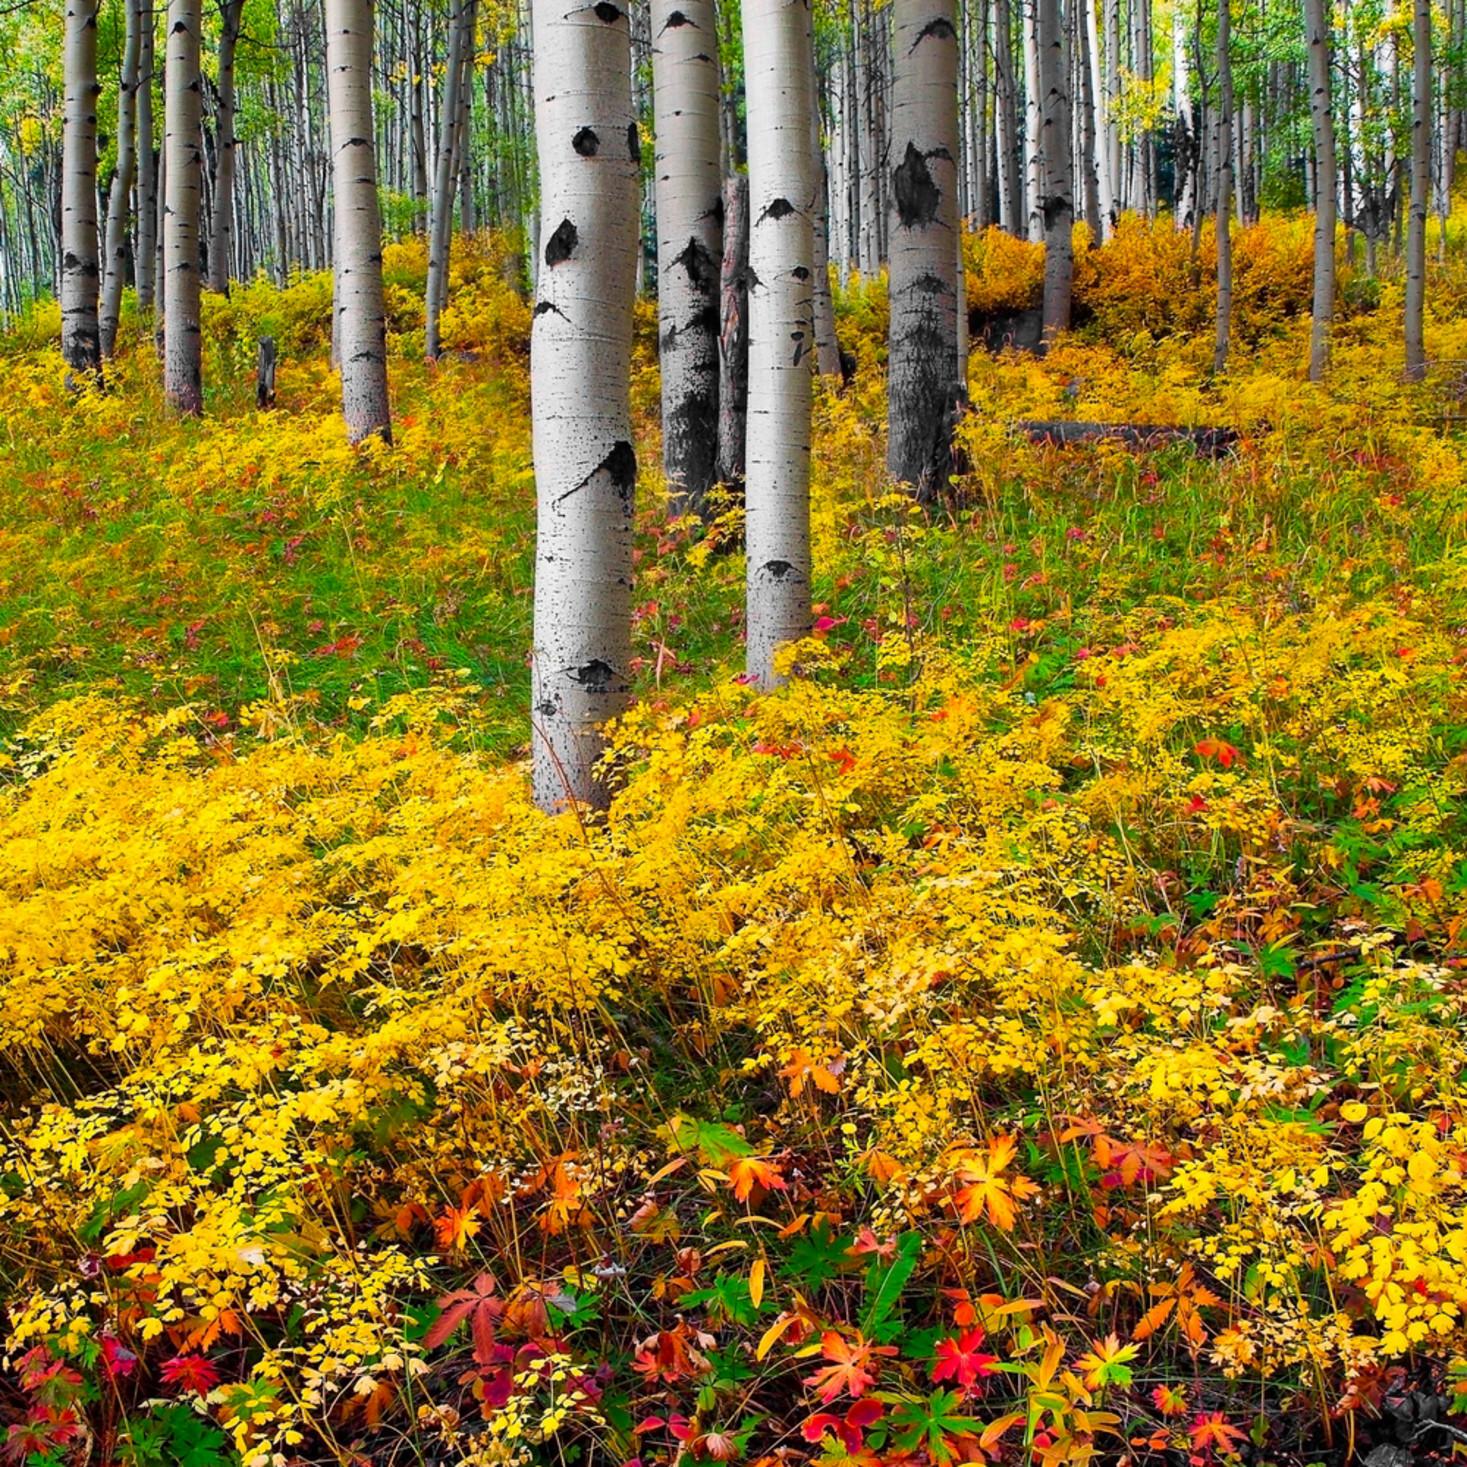 Brilliant autumn wewgrw